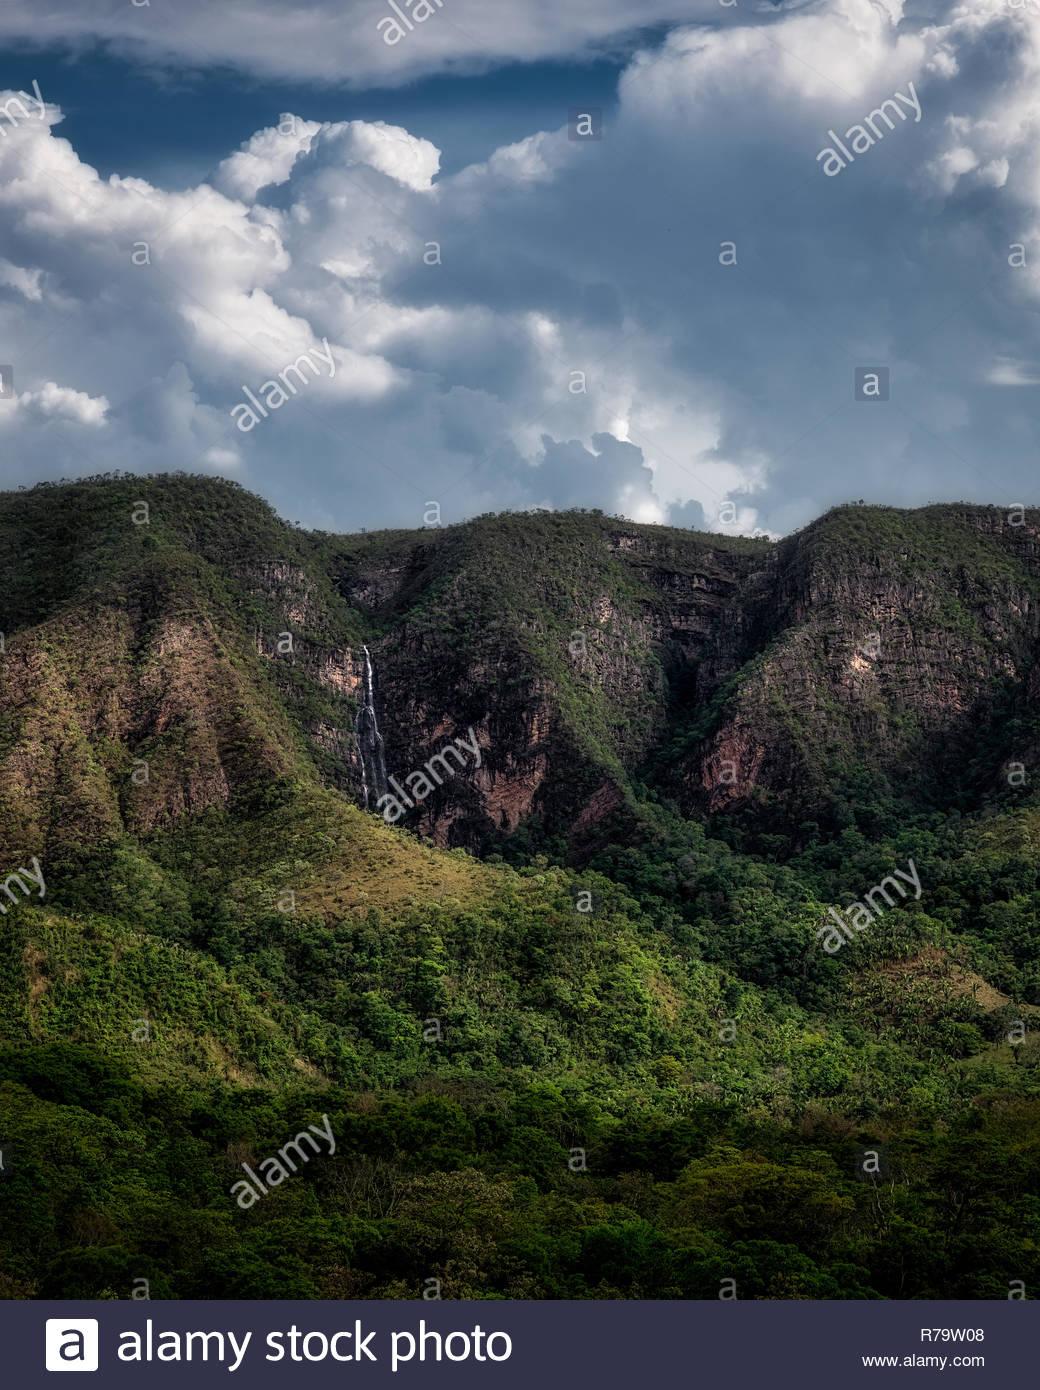 Before the storm in the São Miguel river valley, Chapada dos Veadeiros, Alto Paraíso de Goiás, Goiás, Brazil. - Stock Image